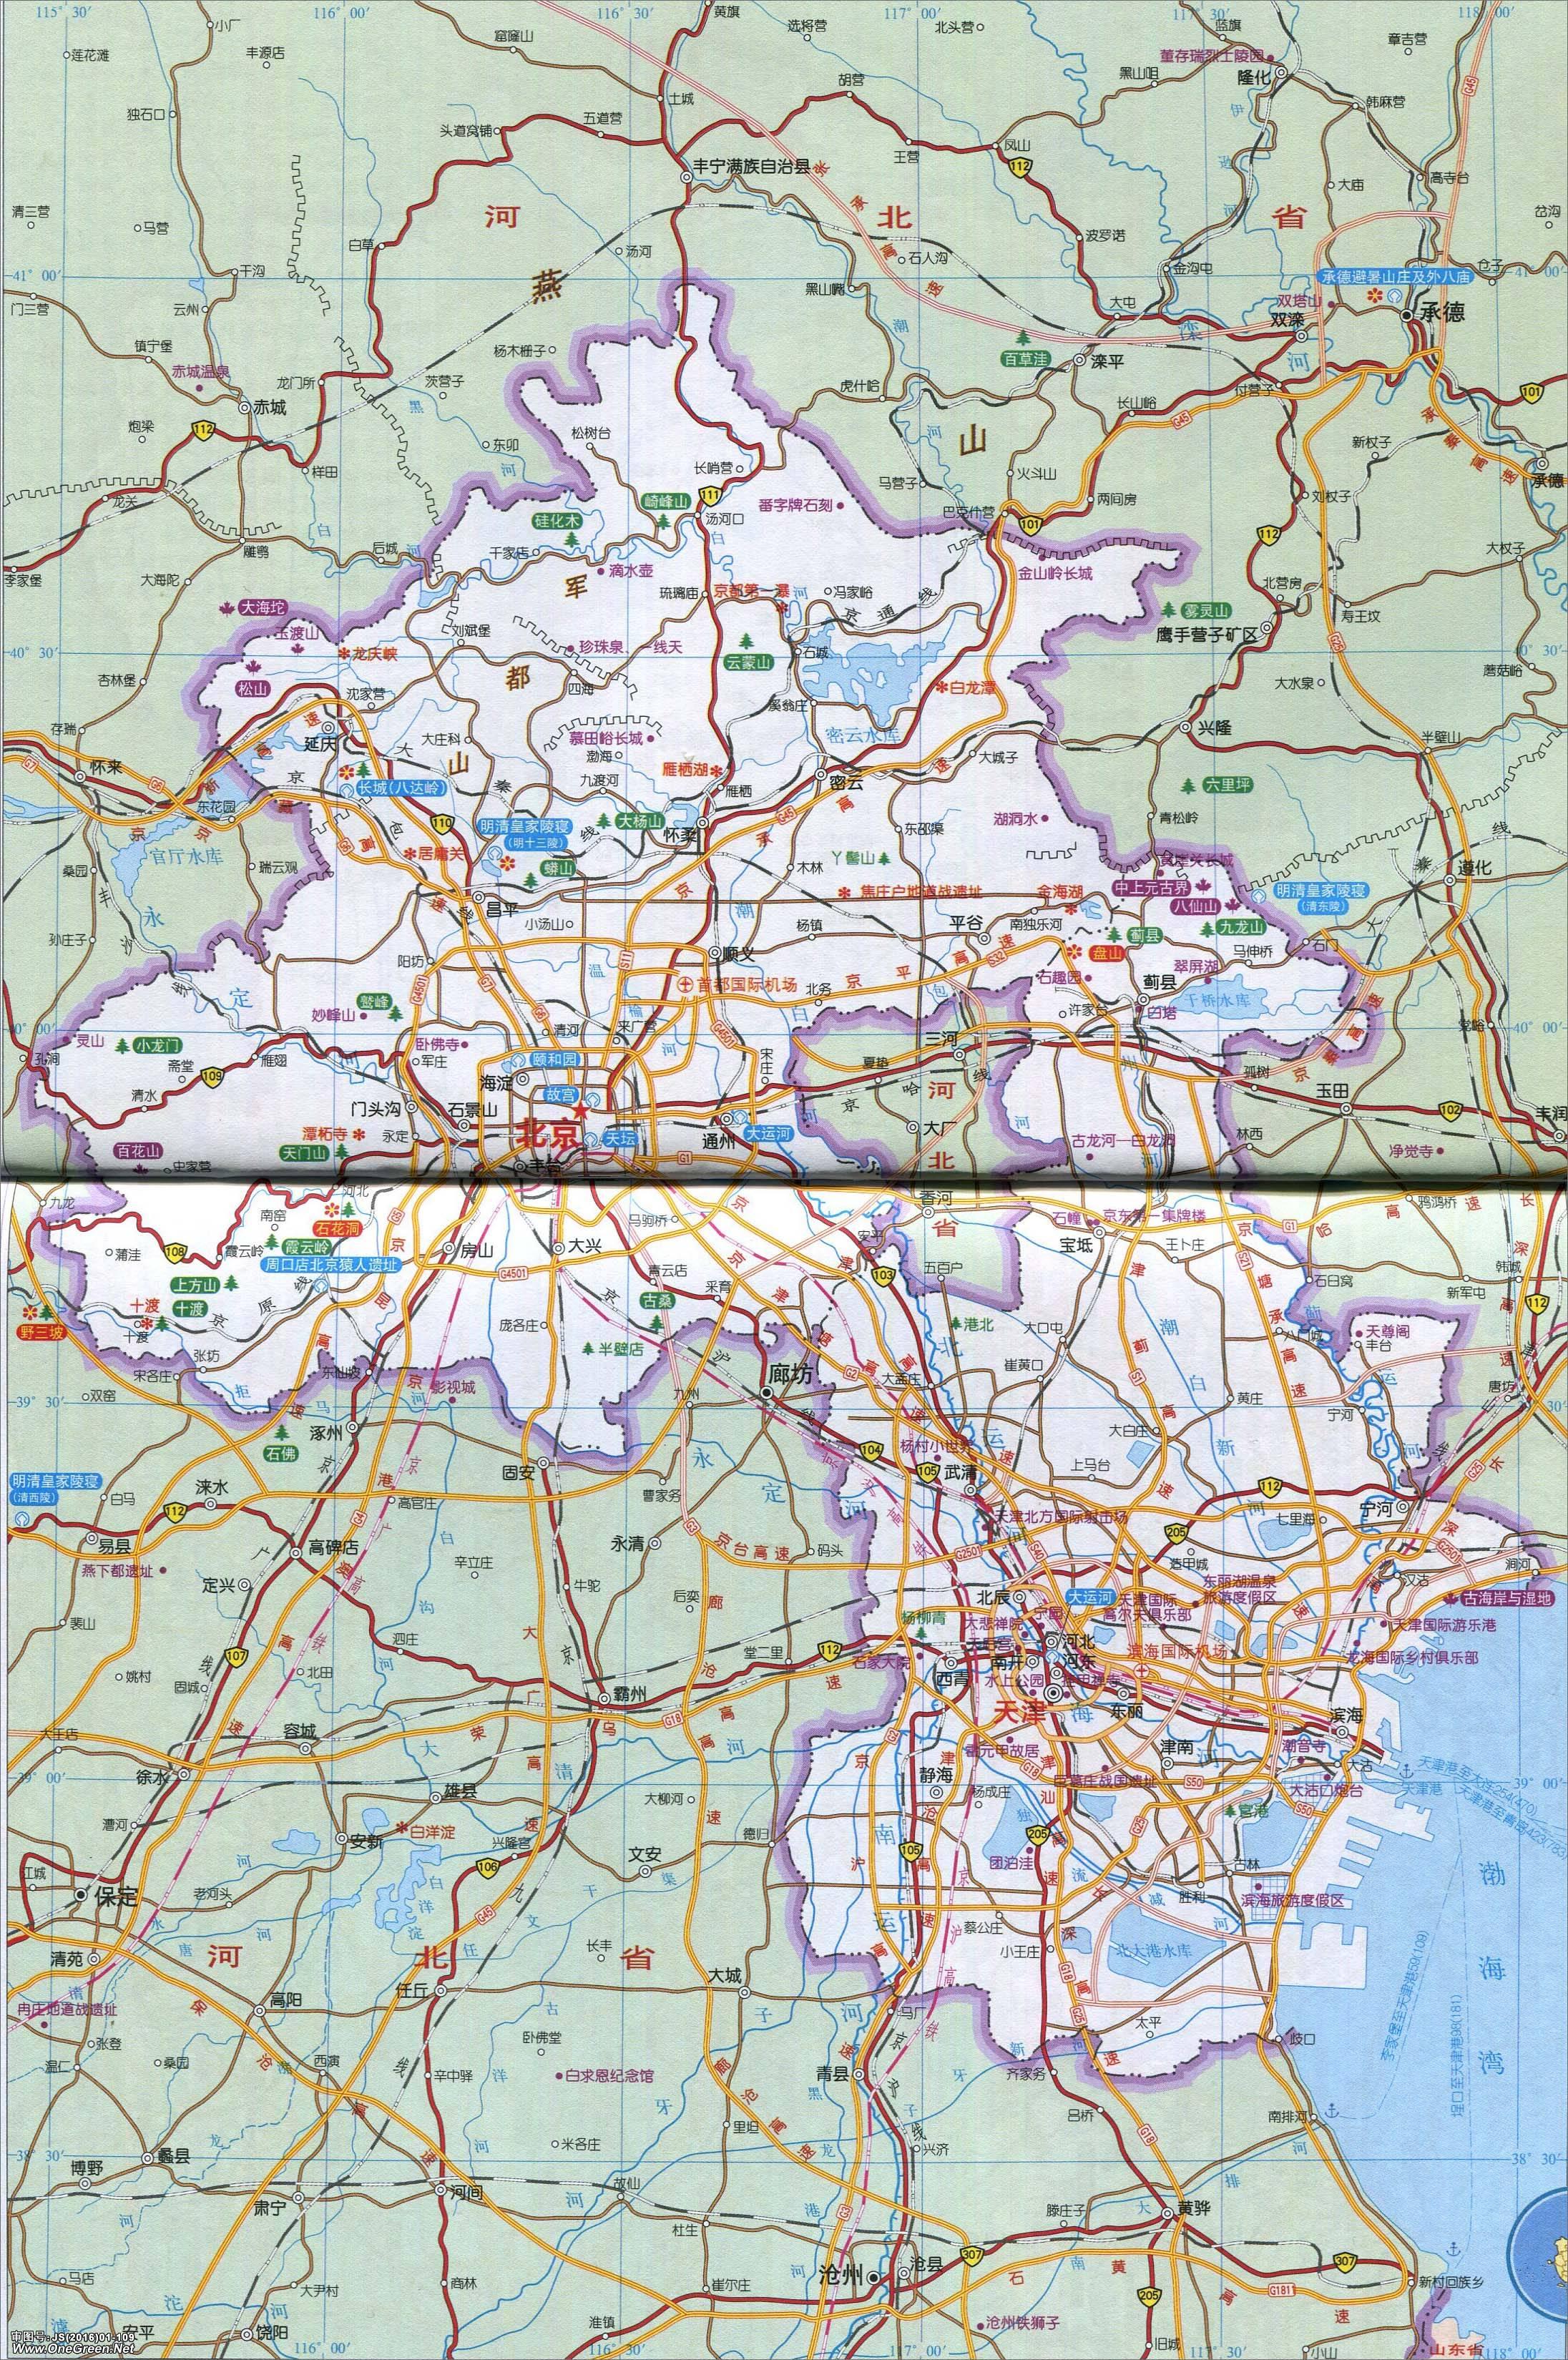 浙江旅游地图_京津地区地图_天津地图库_地图窝